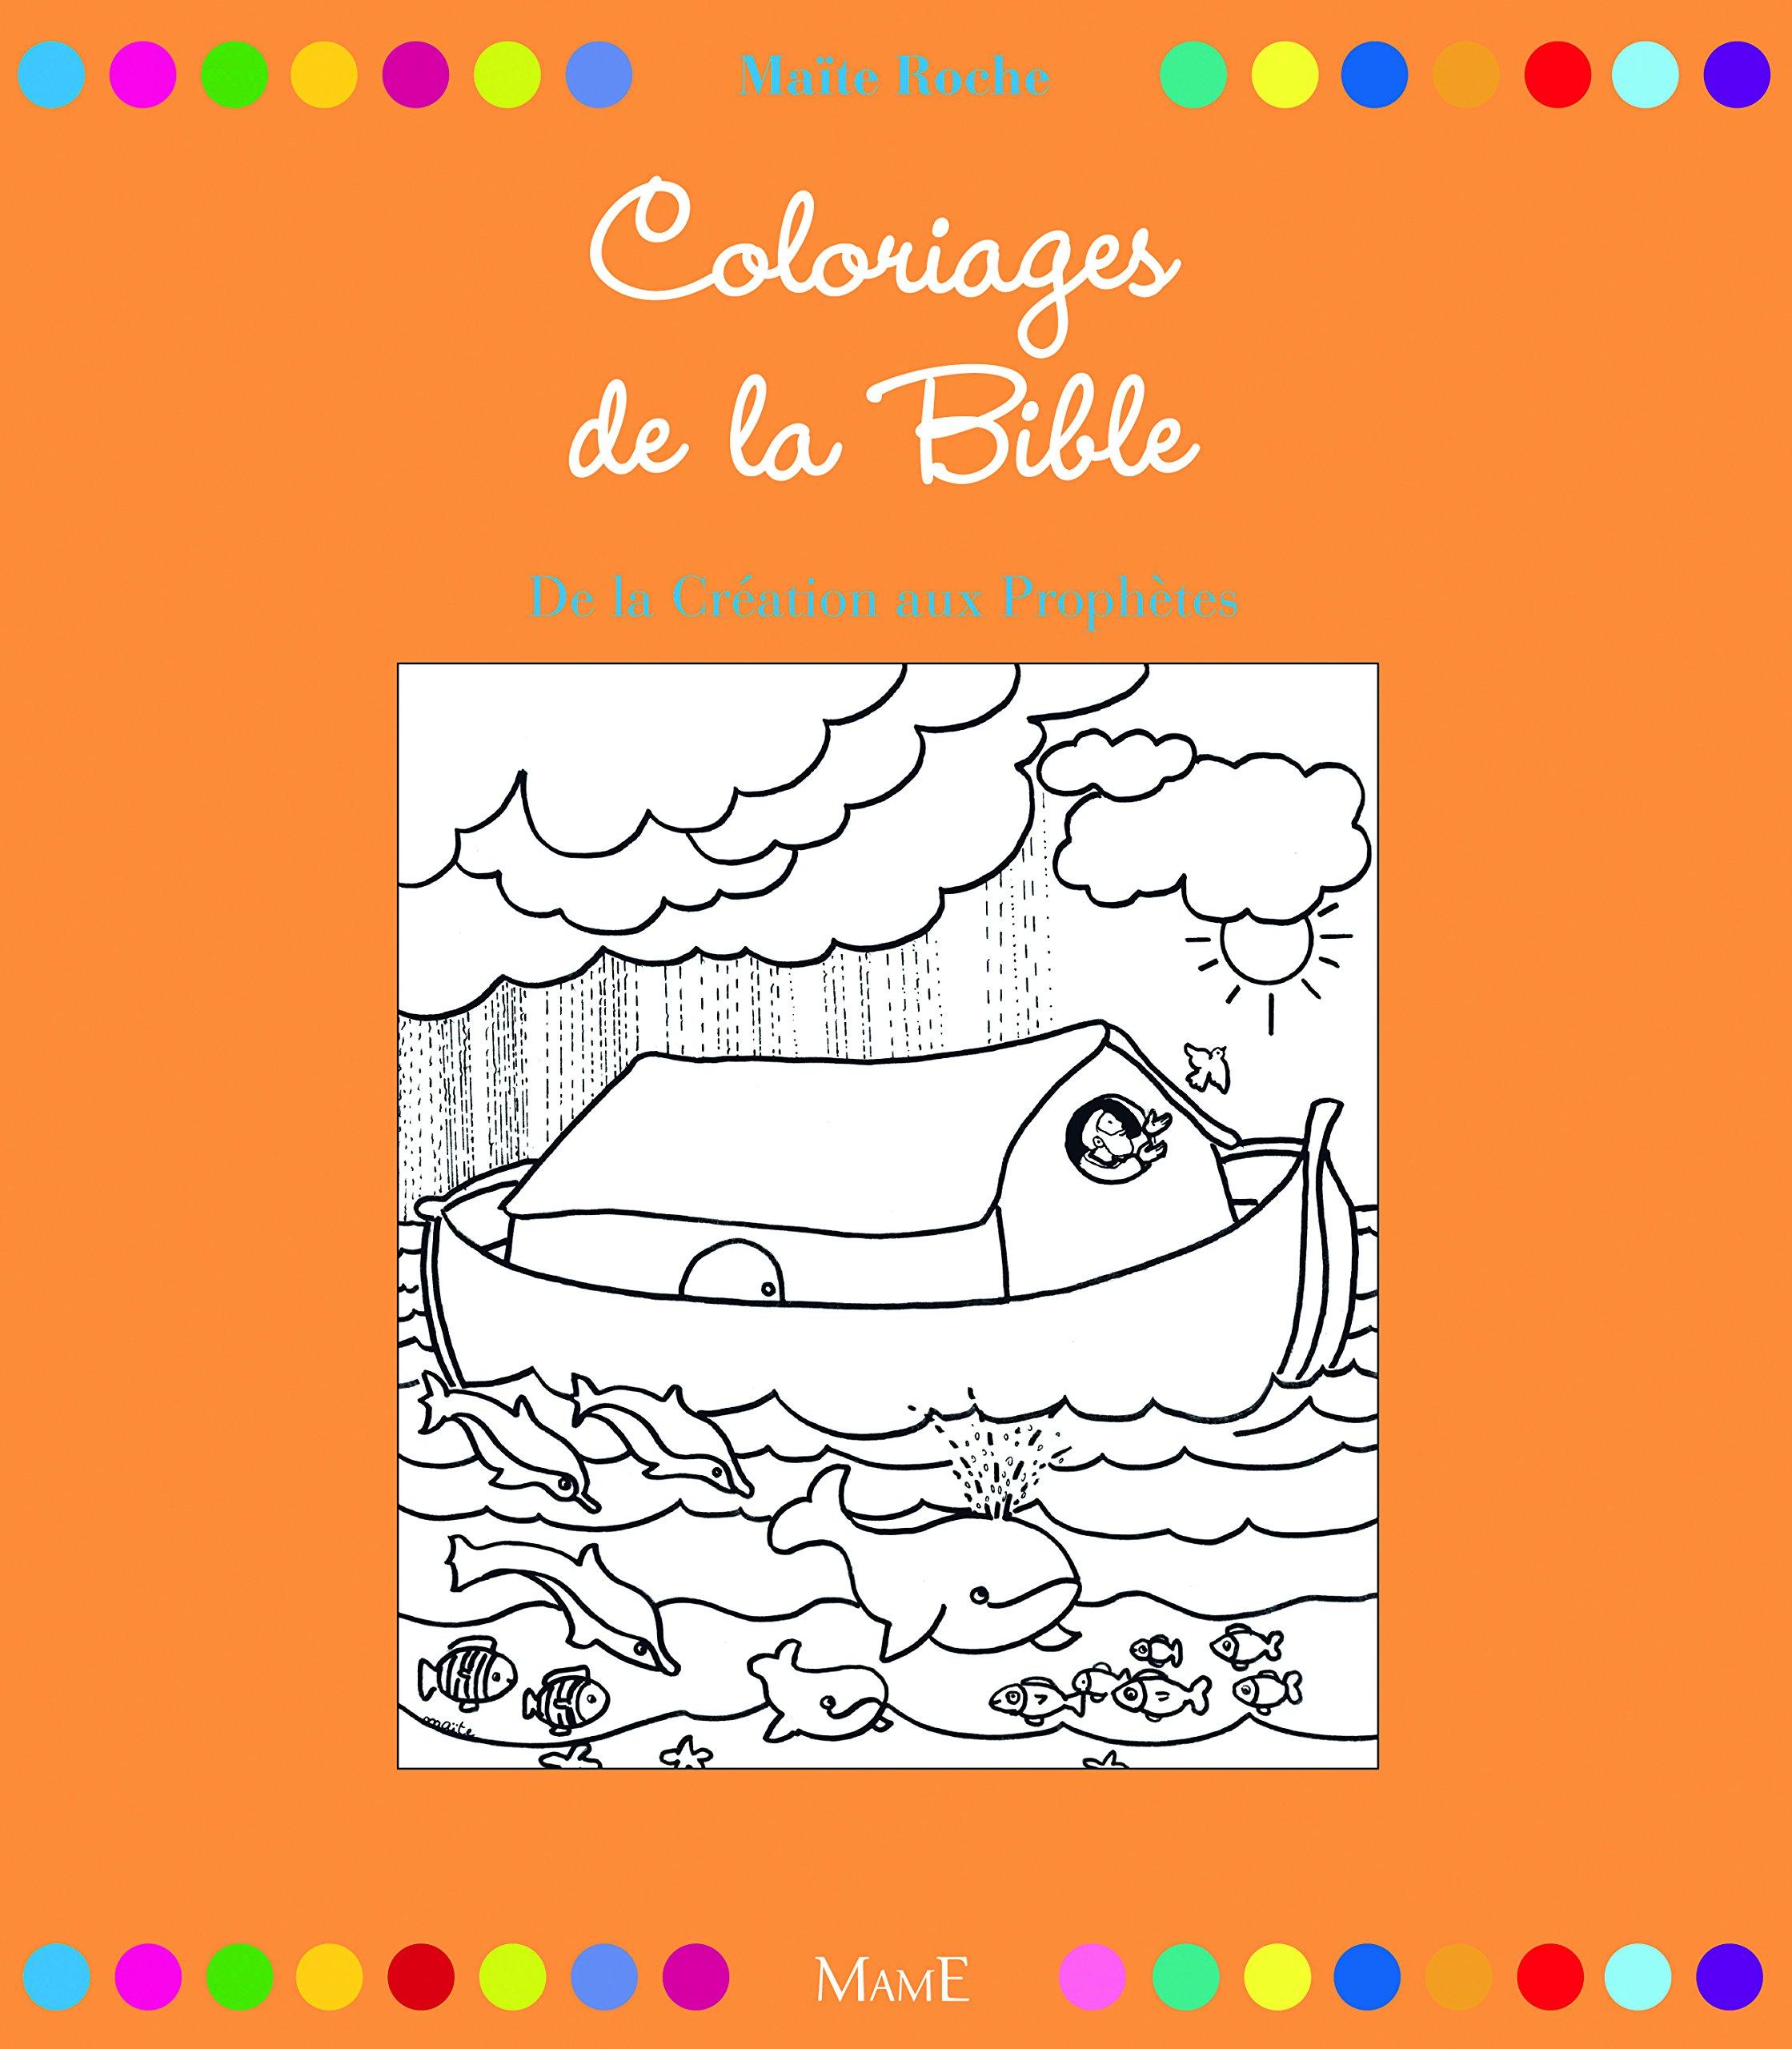 32 coloriages de la Bible. De la création aux prophètes Broché – 17 mars 2011 Maïte Roche MAME 2362360024 9782362360022_PROL_US